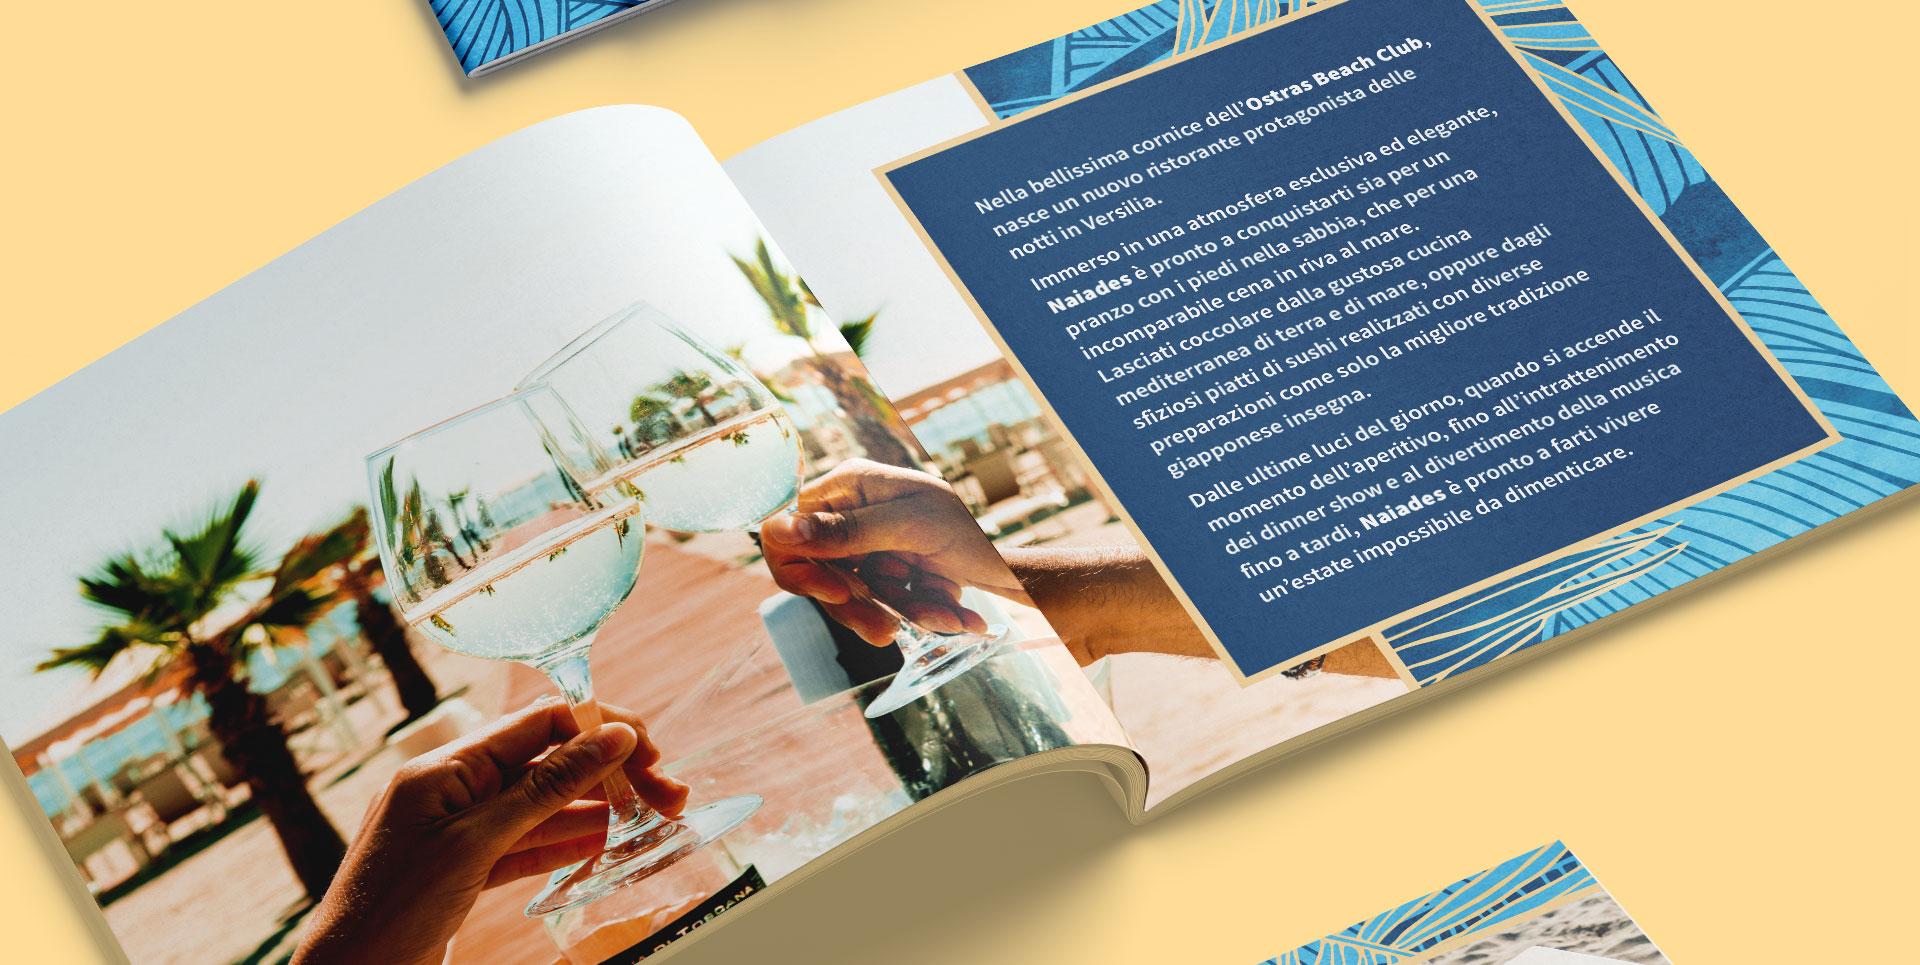 ostras-naiades-brochure2-zerouno-design